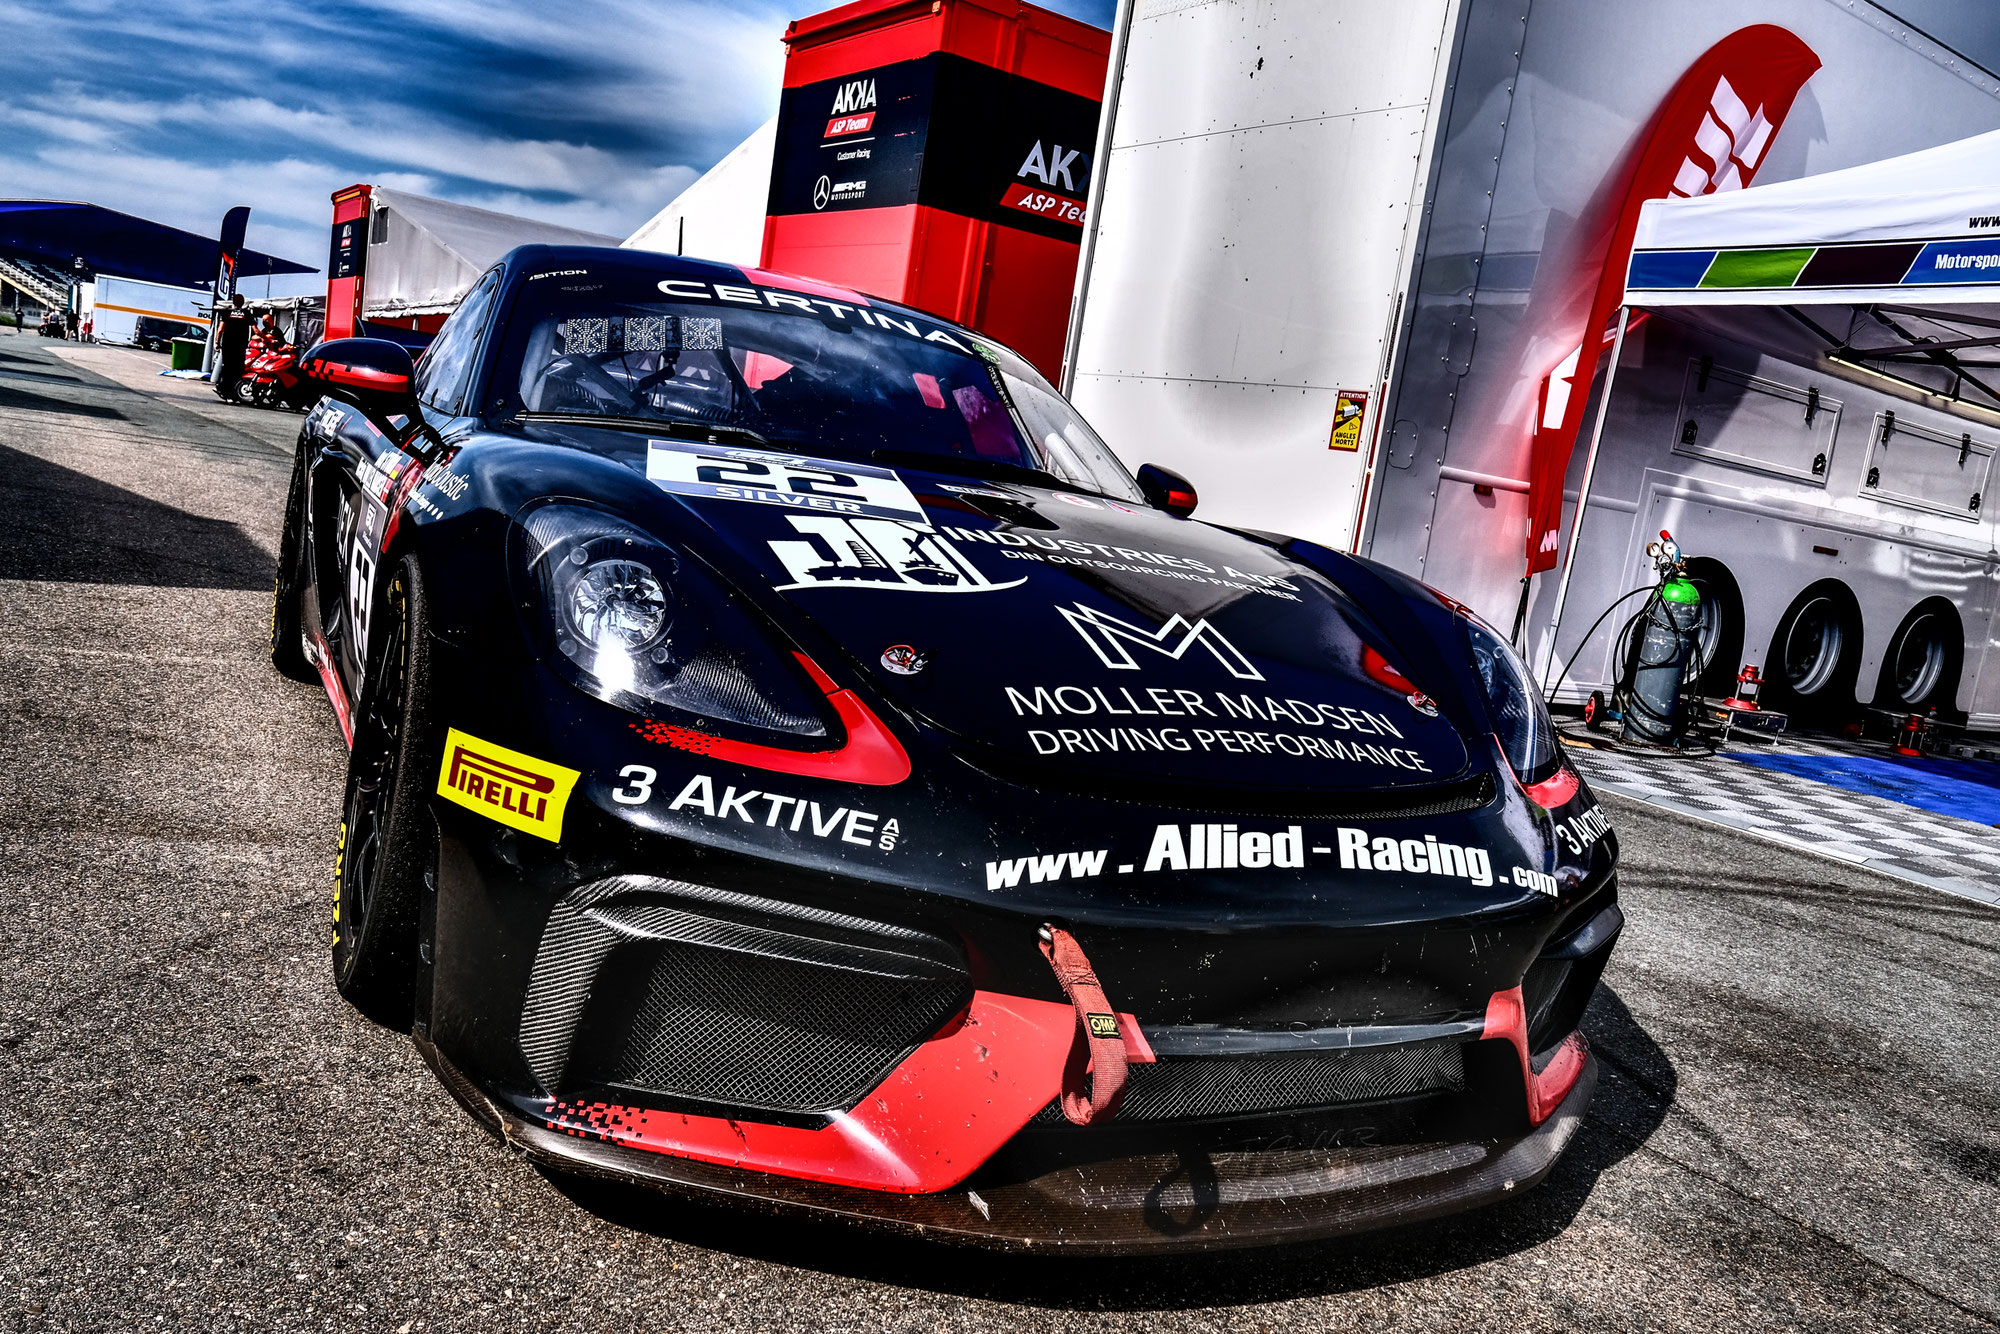 Offizieller Test eröffnet das Wochenende der GT4 European Series in Zandvoort